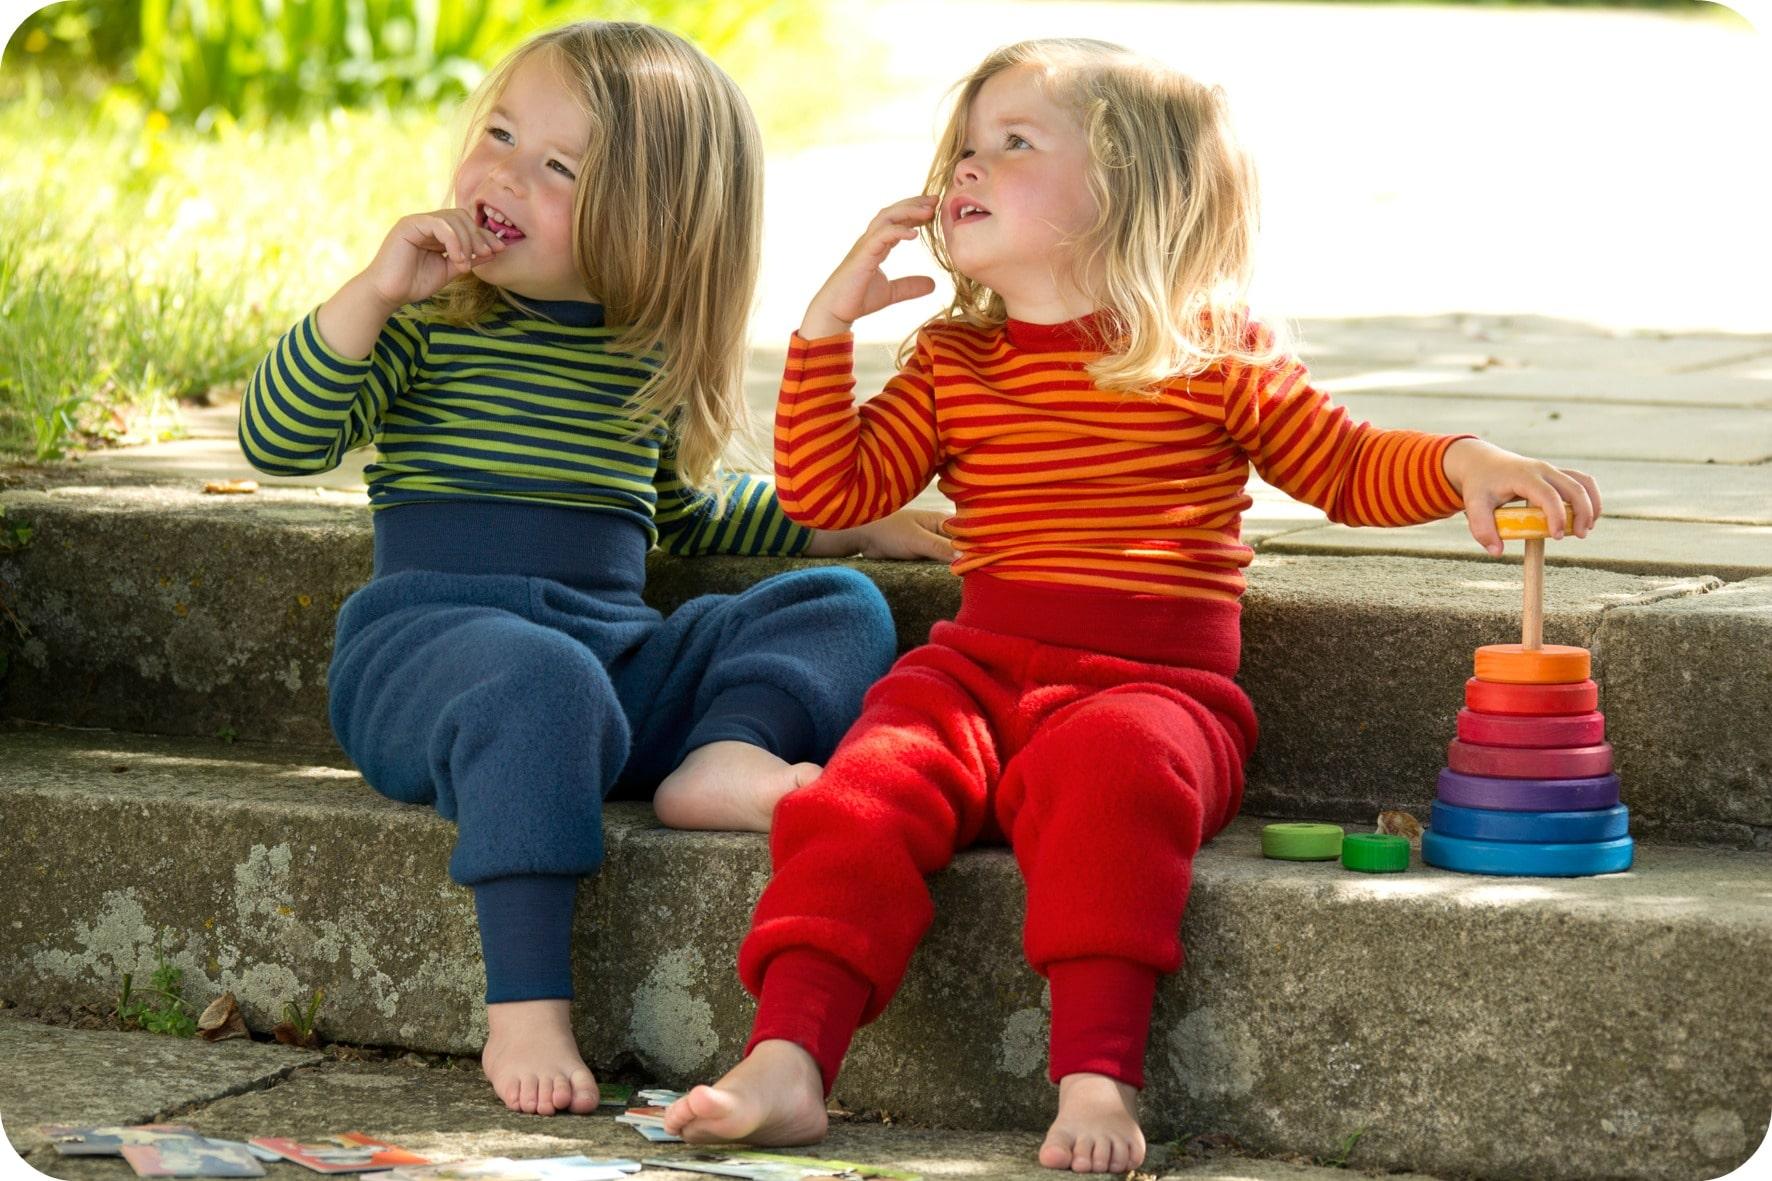 Scuola materna: come vestire i bambini